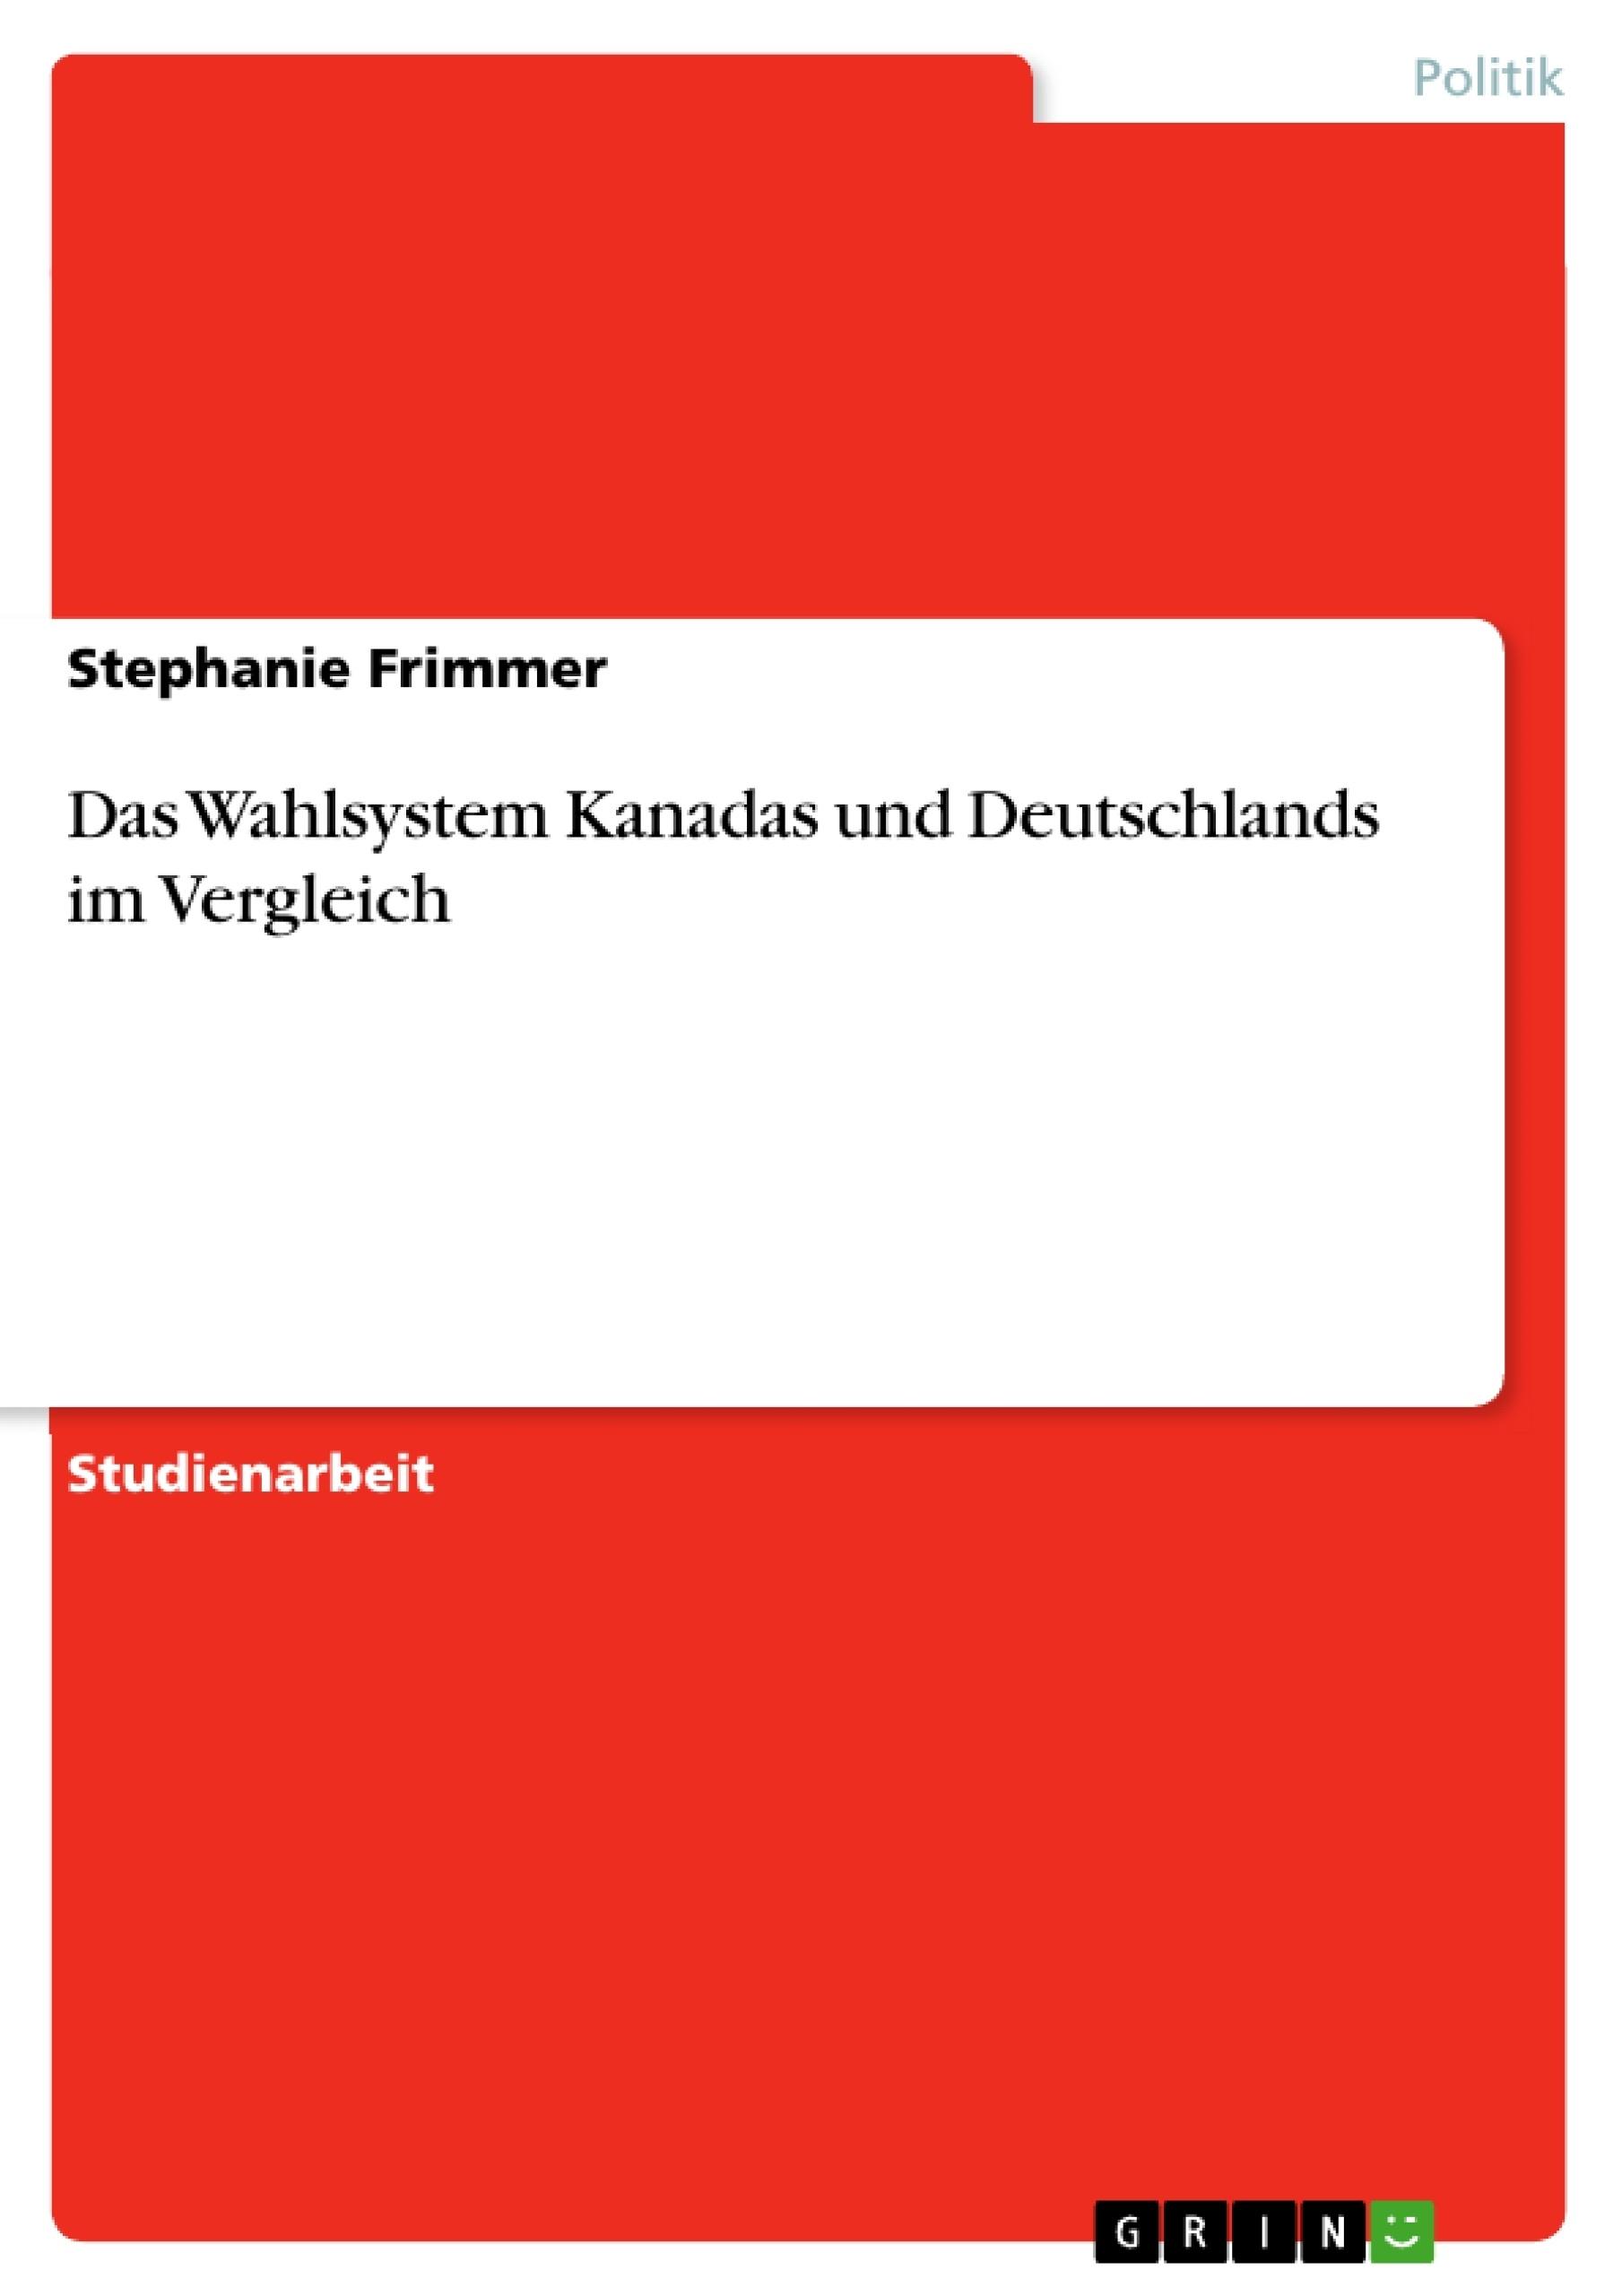 Titel: Das Wahlsystem Kanadas und Deutschlands im Vergleich